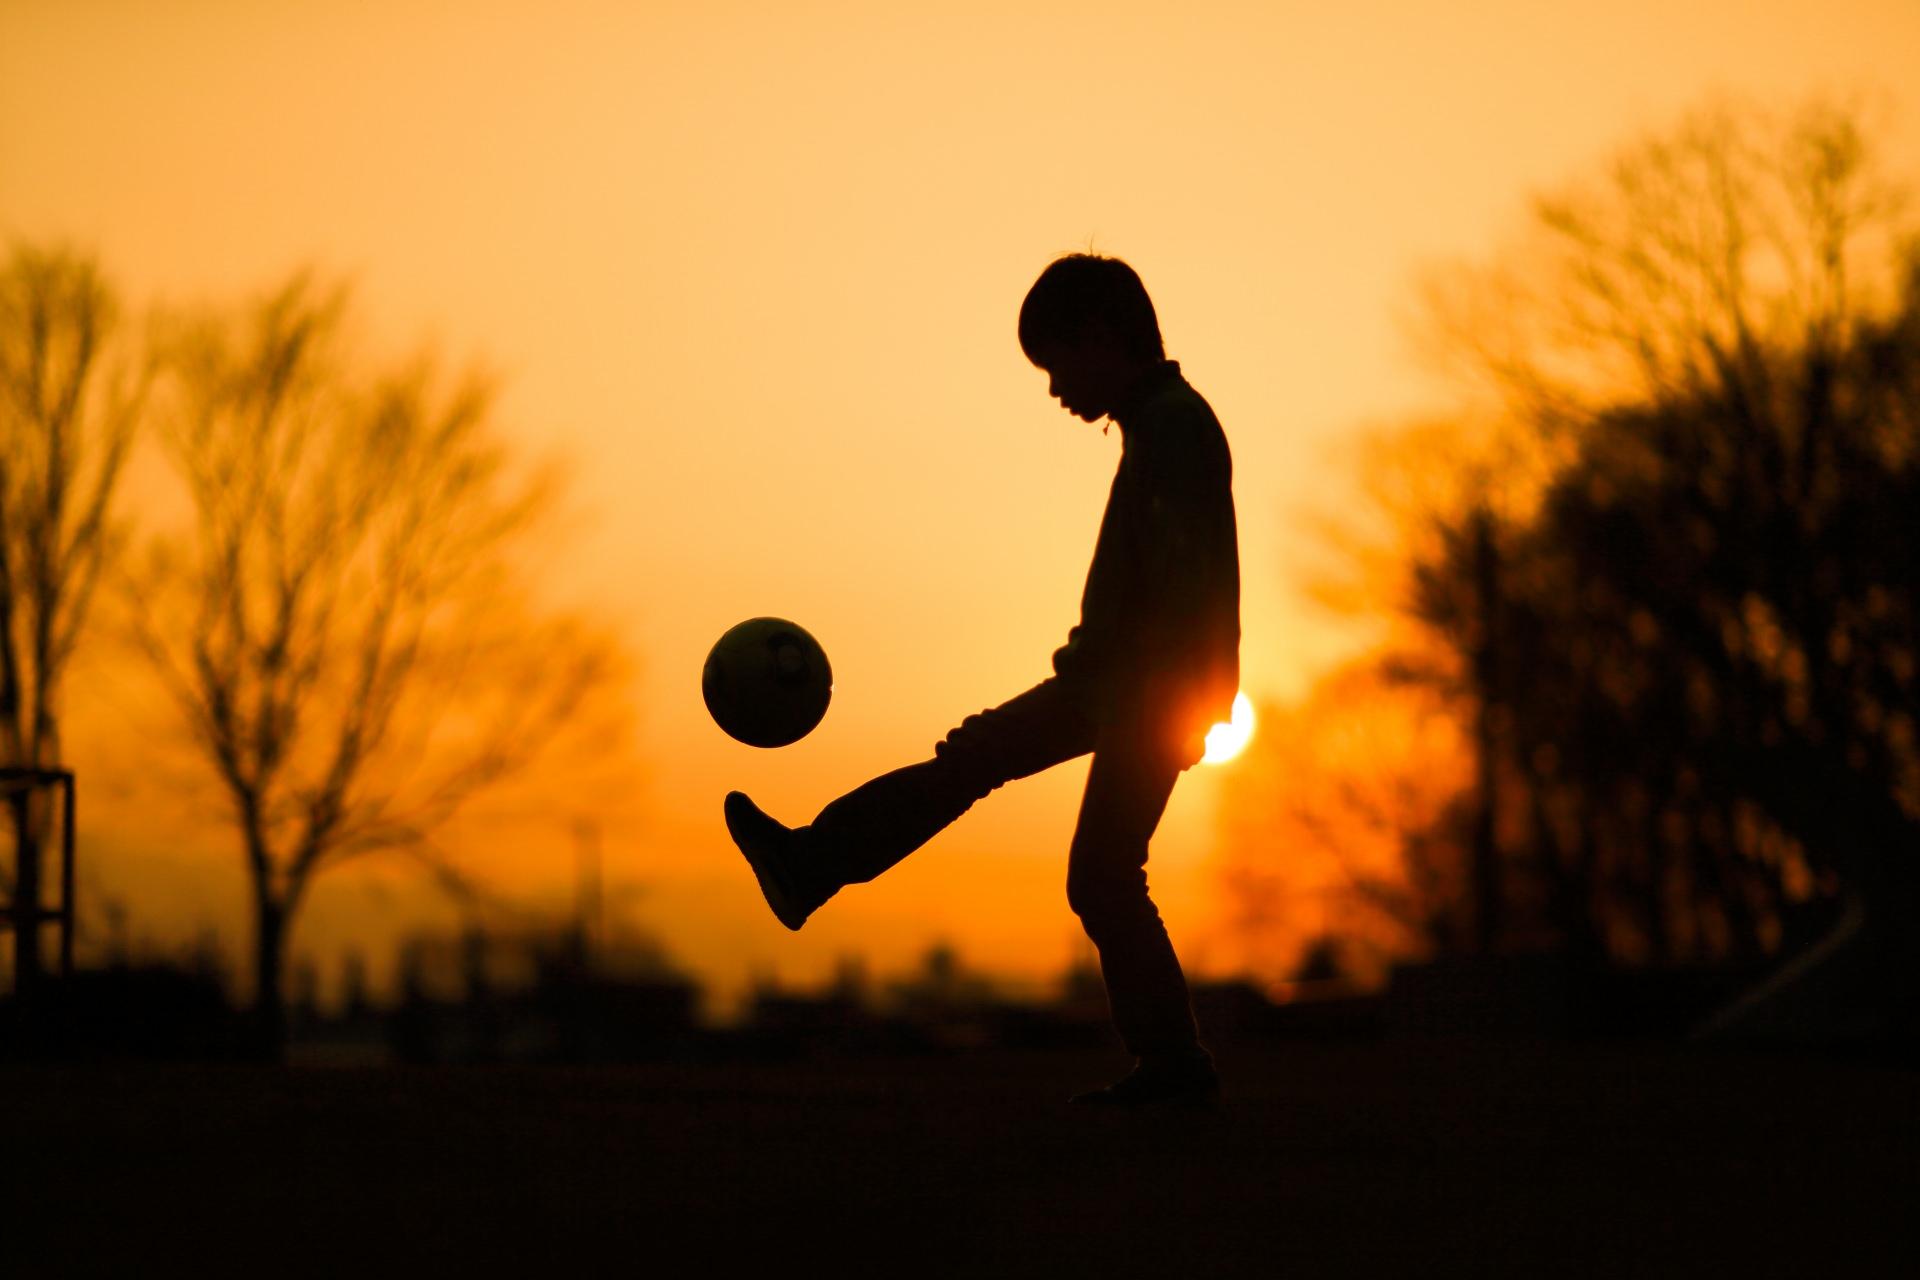 少年サッカー リフティング